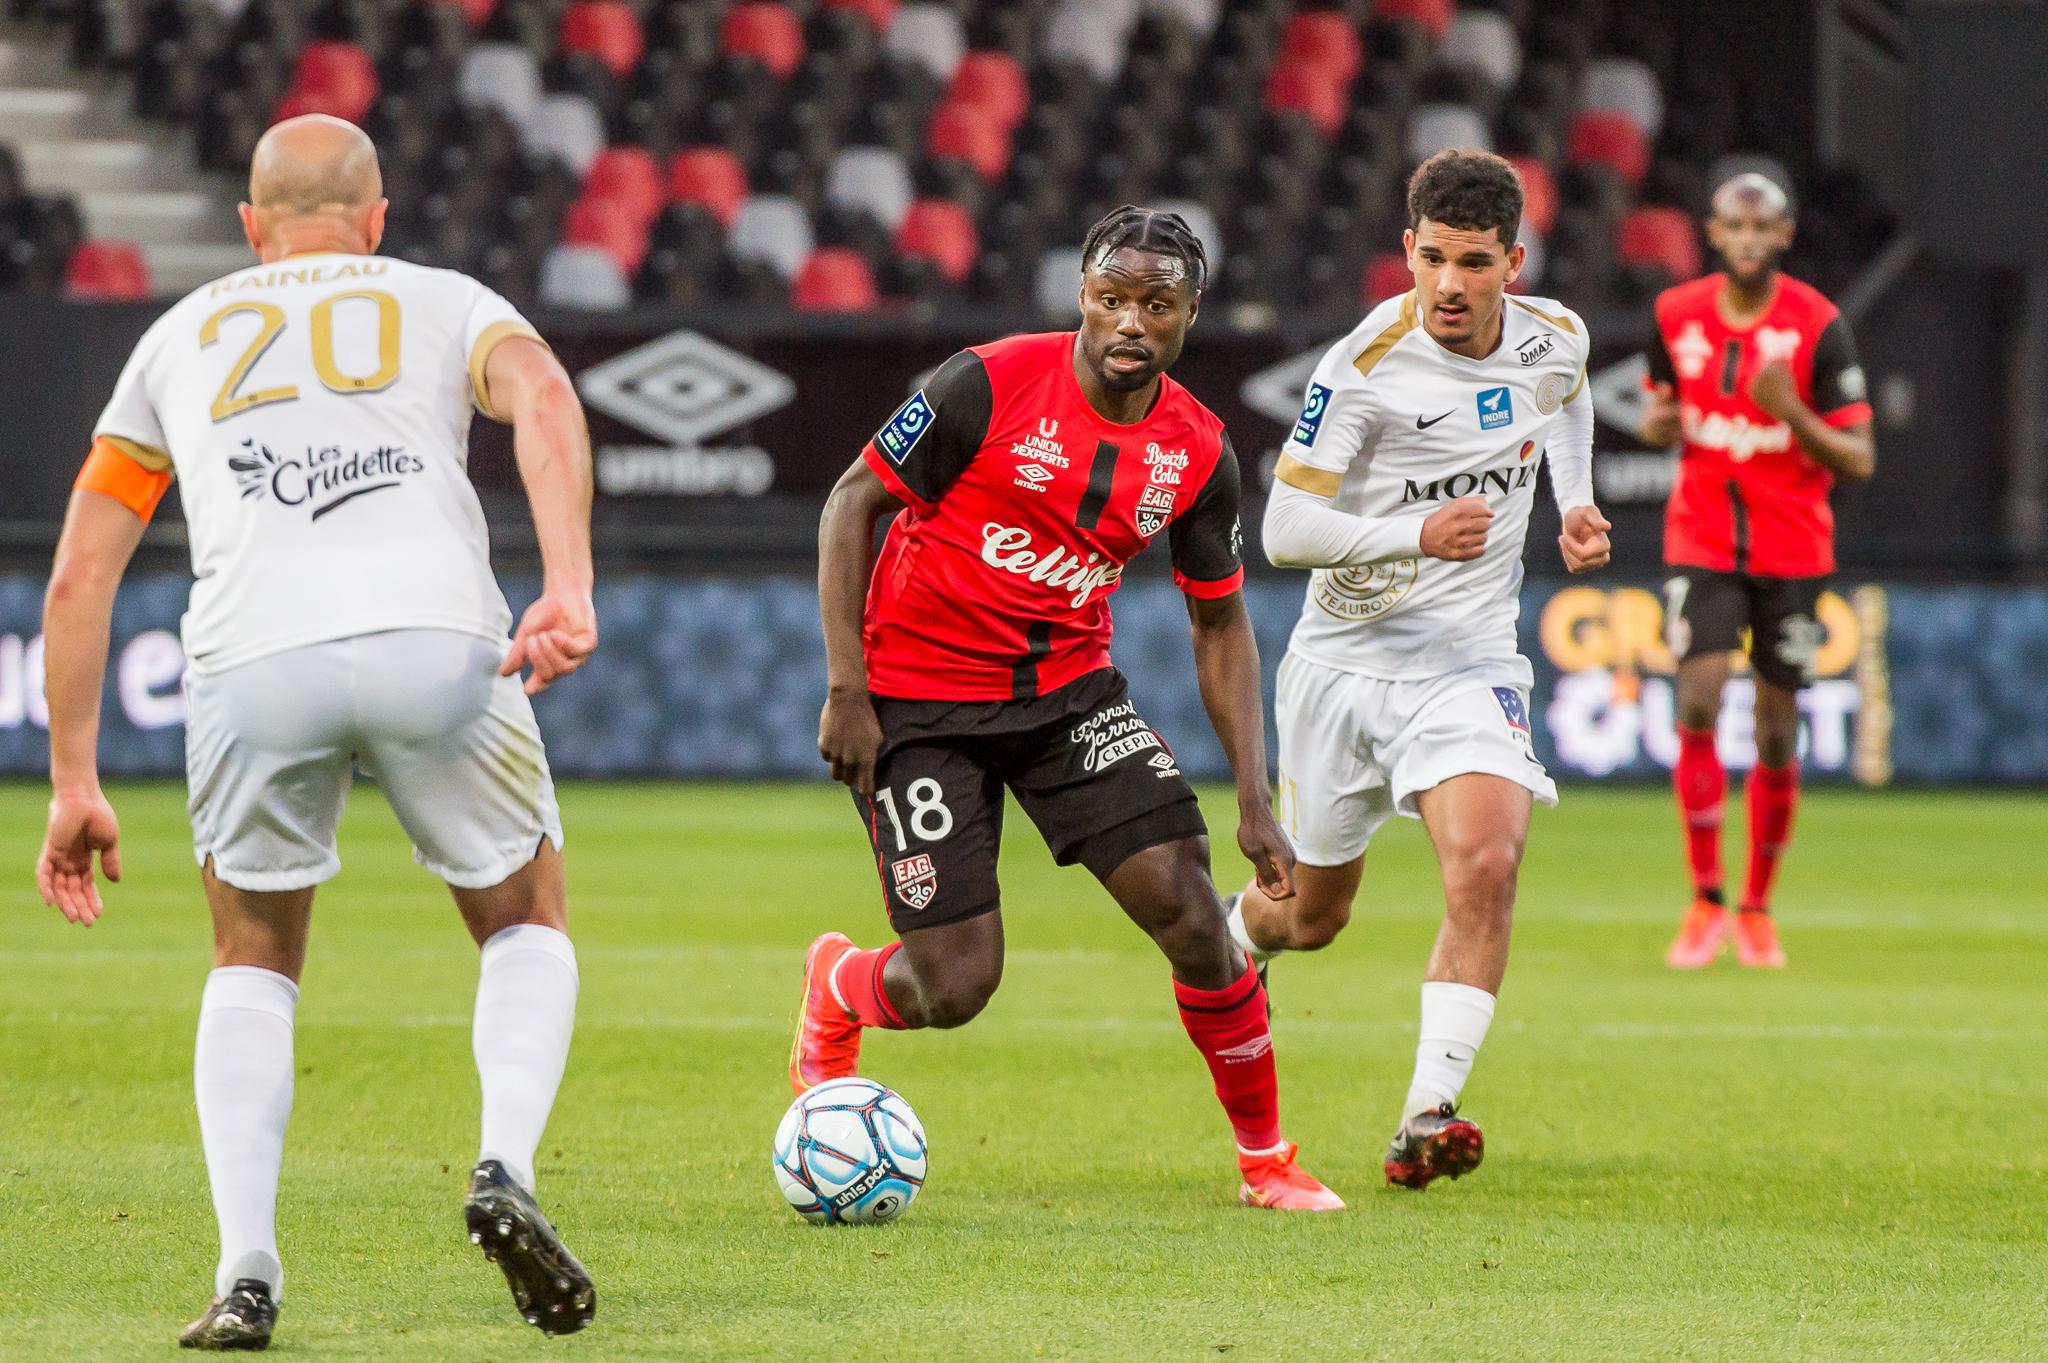 EA Guingamp La Berrichonne Châteauroux J37 Ligue 2 BKT EAGLBC 2-0 Stade de Roudourou FRA_5733